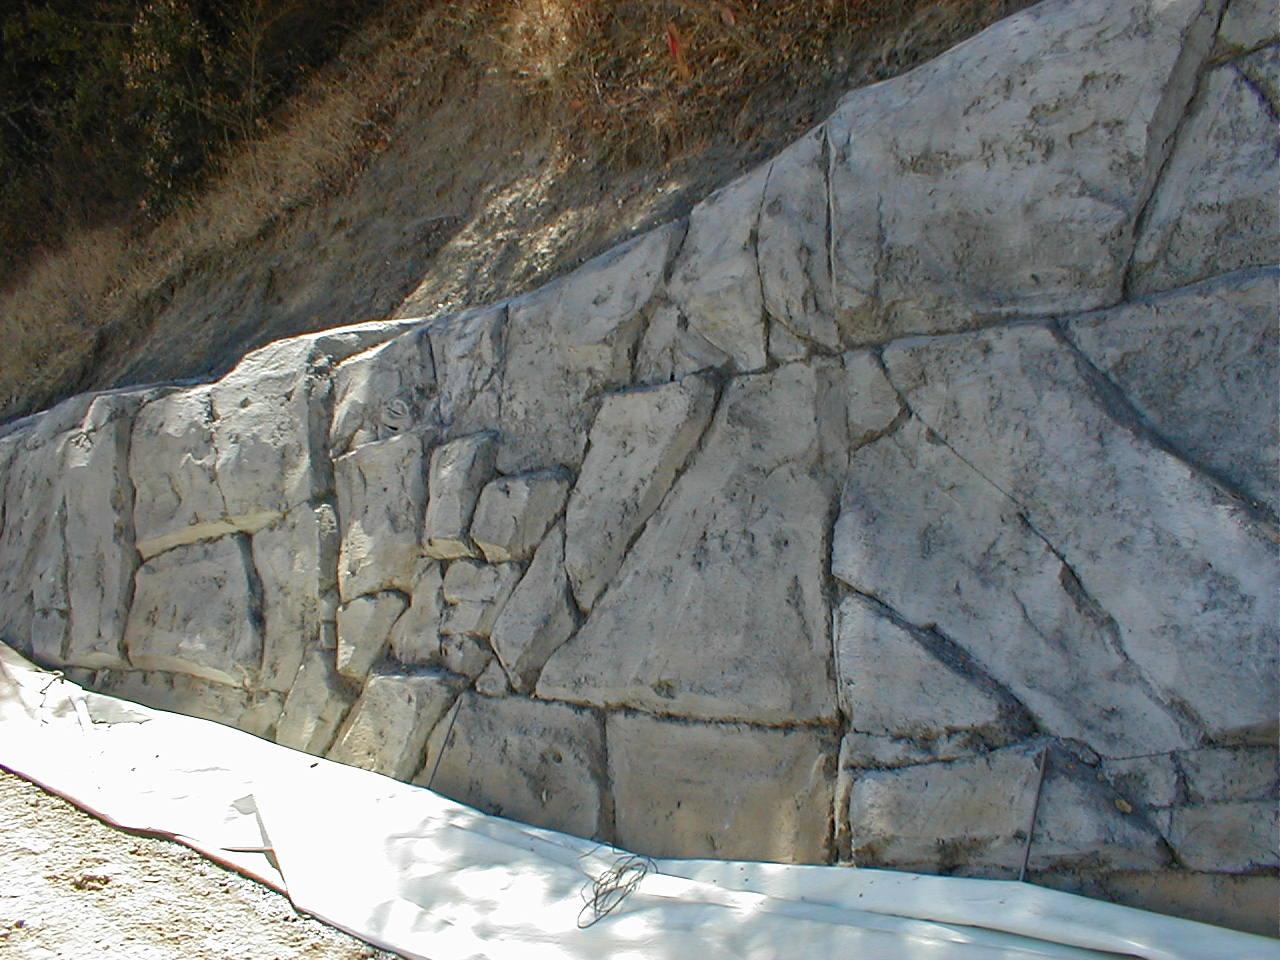 Whites hill soil nail shotcrete retaining wall photos for Soil nail wall